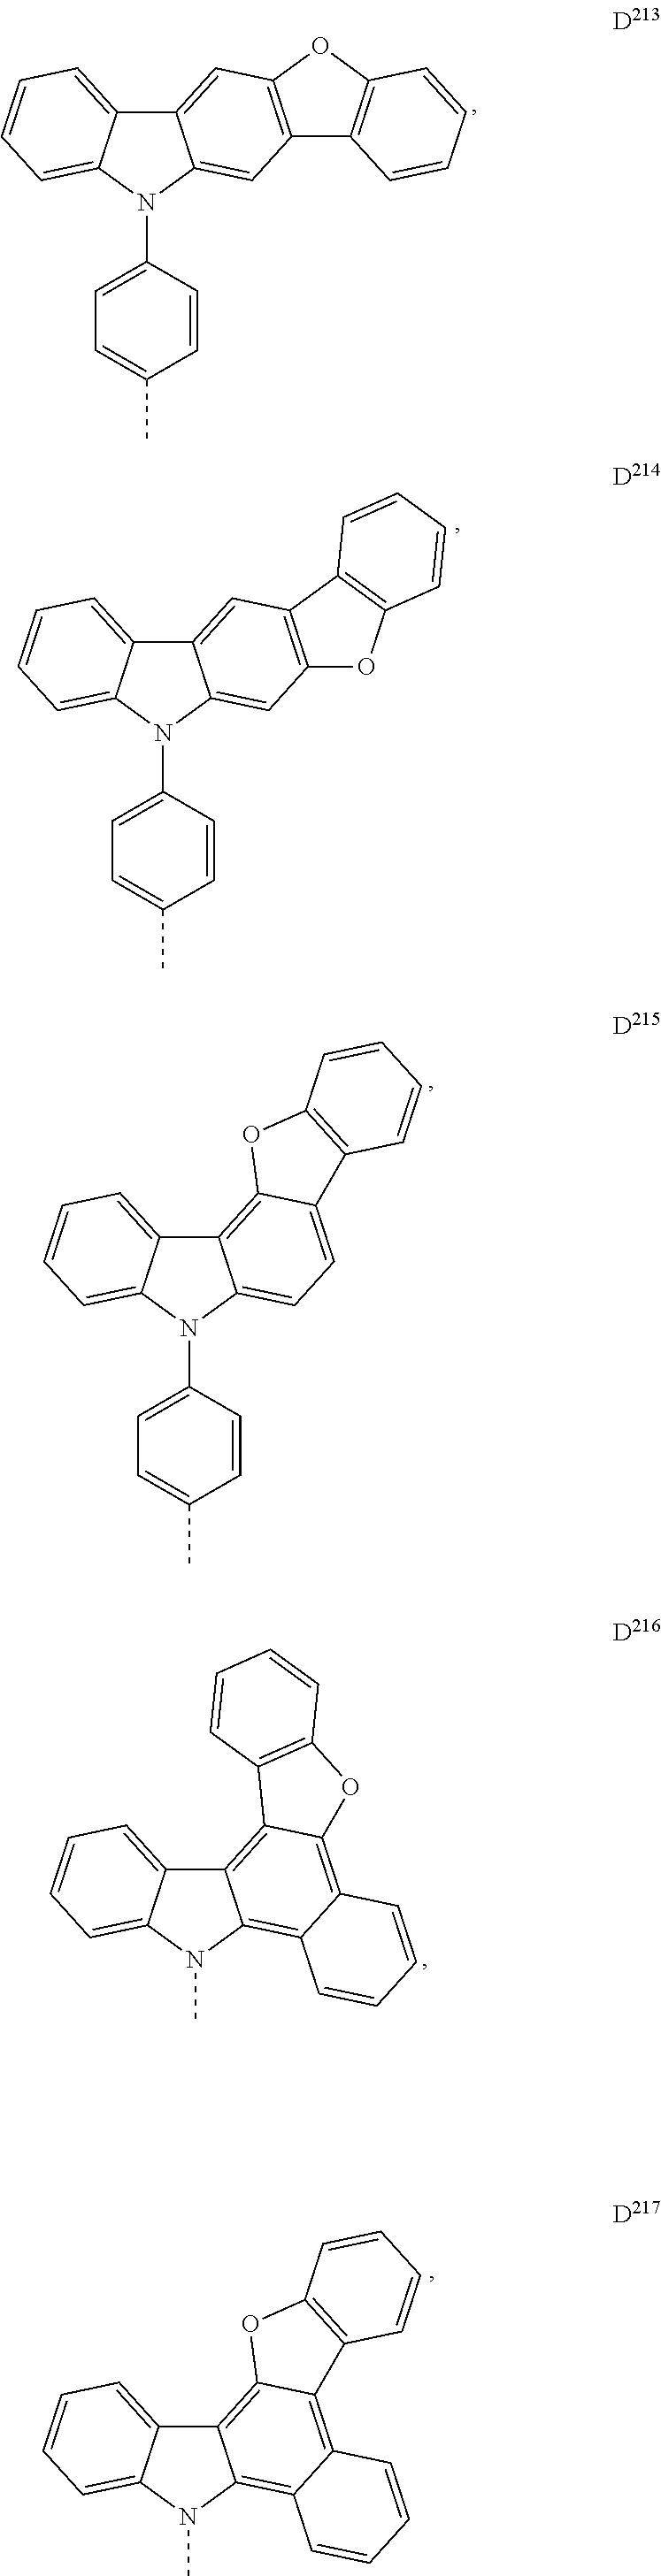 Figure US20170033295A1-20170202-C00081